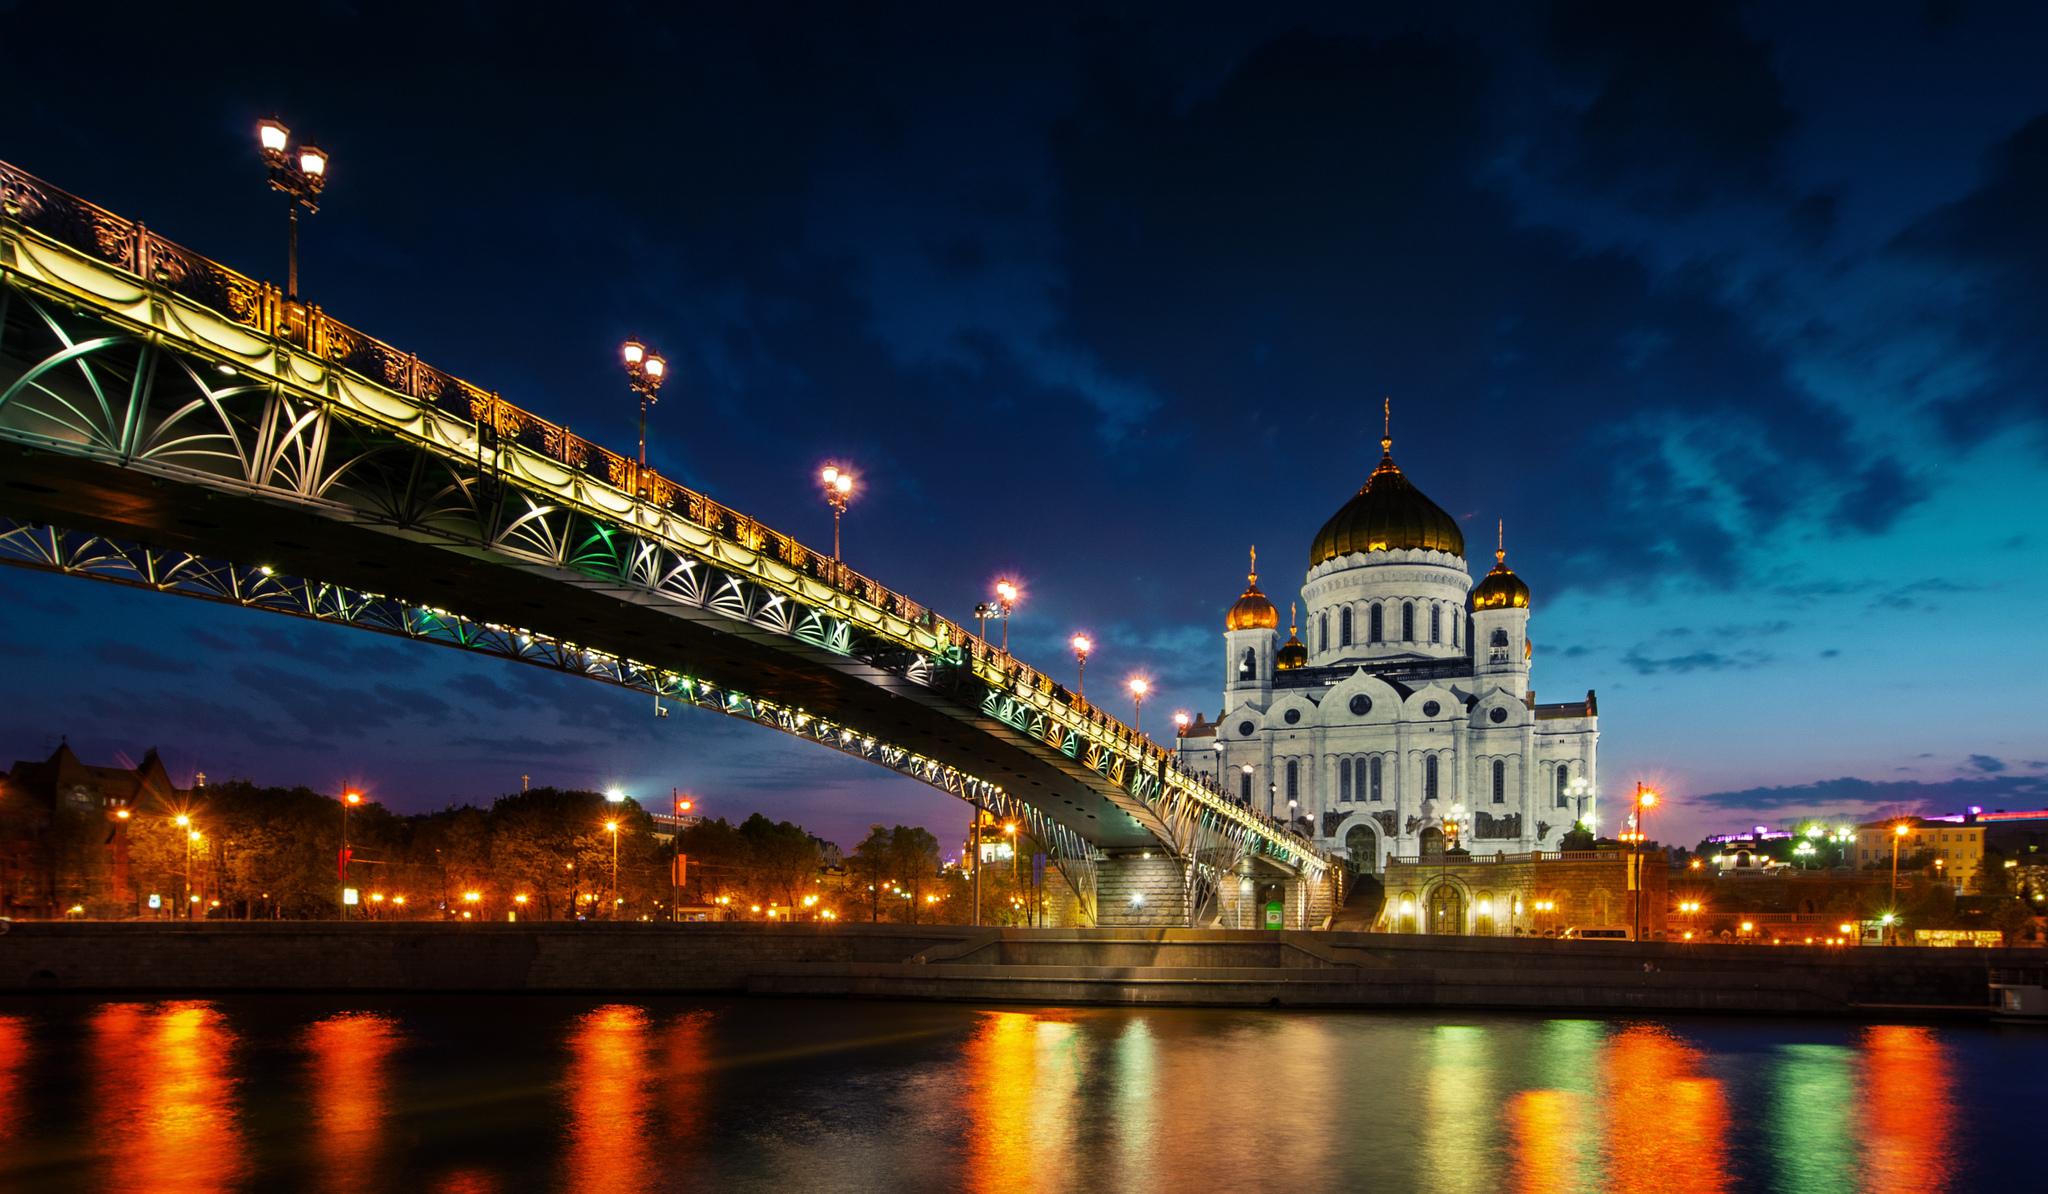 мост река россия the bridge river Russia бесплатно